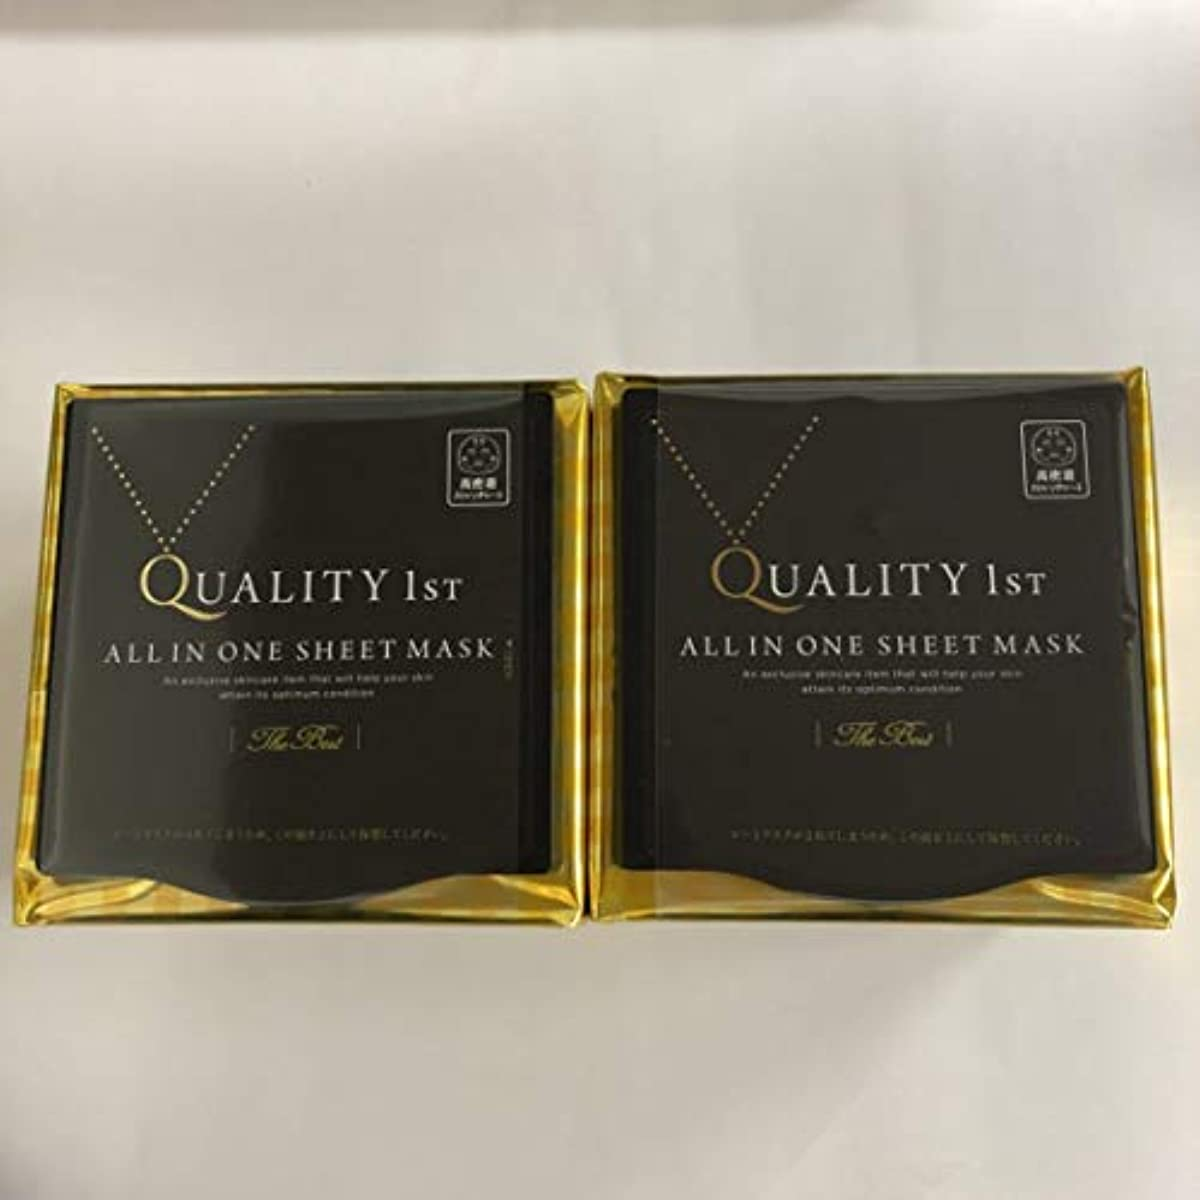 エレガント収穫過度にオールインワンシートマスク ザ?ベストEX (30枚) BOX 2個セット+角質ケアサンプル2PC